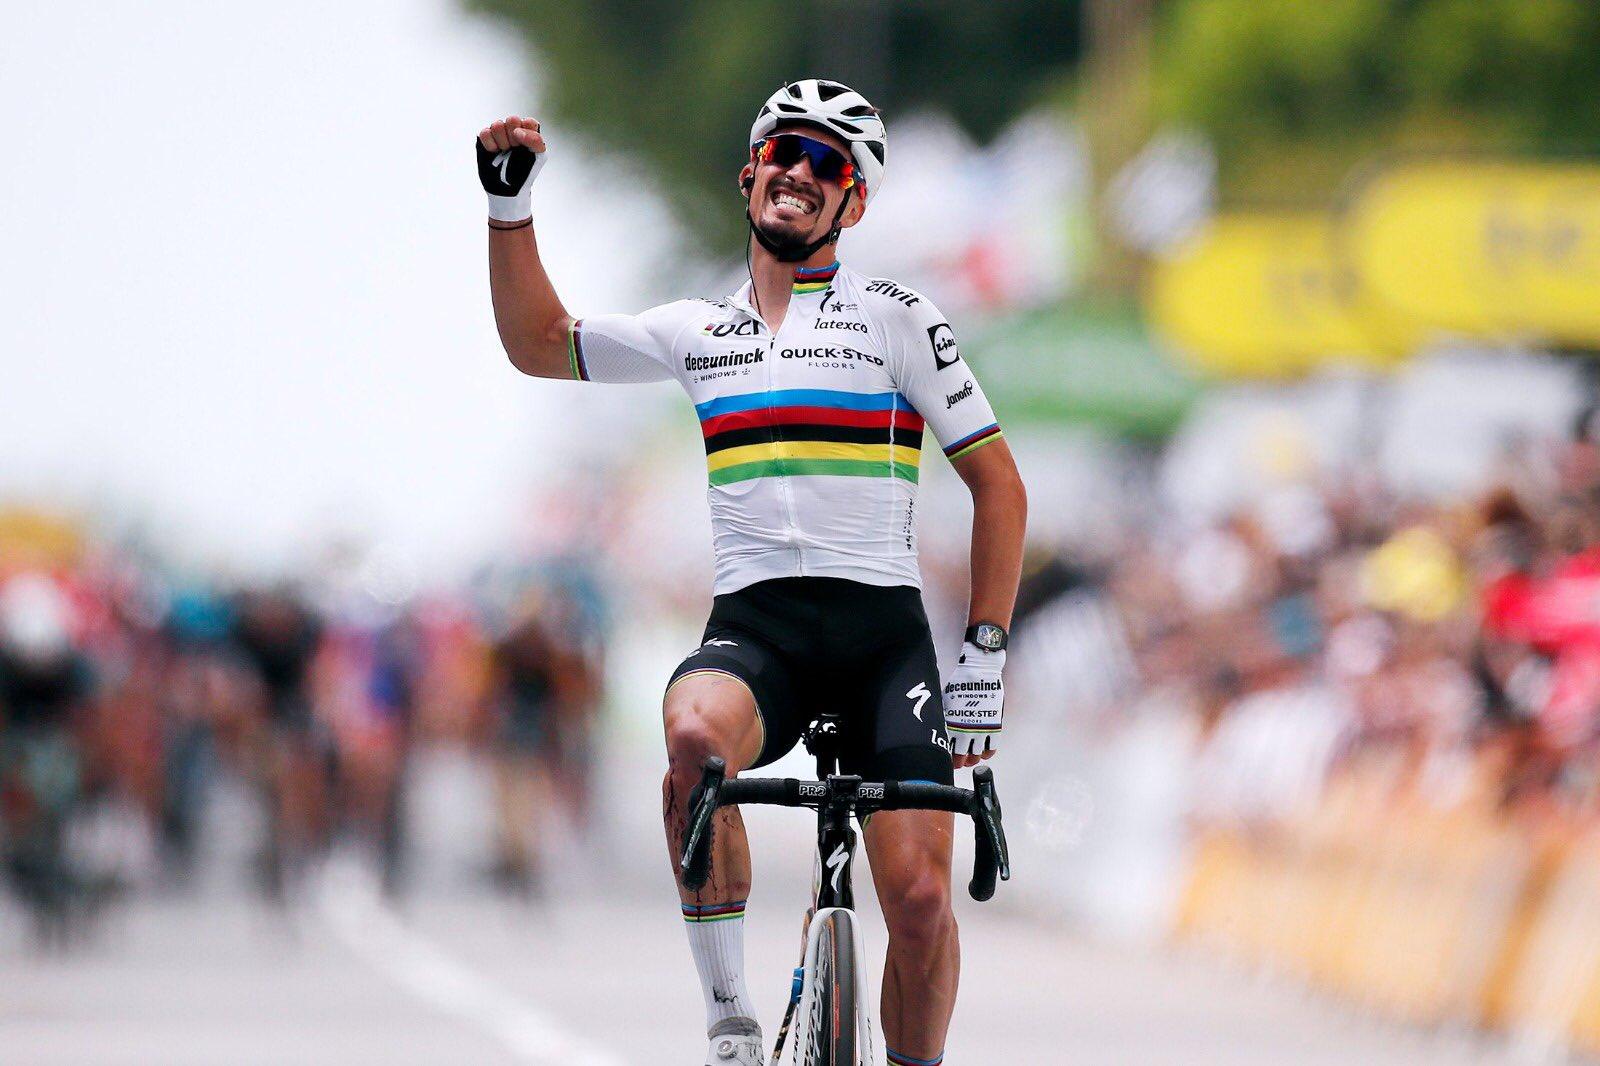 Tour de France 2021: Prima tappa ad Alaphilippe